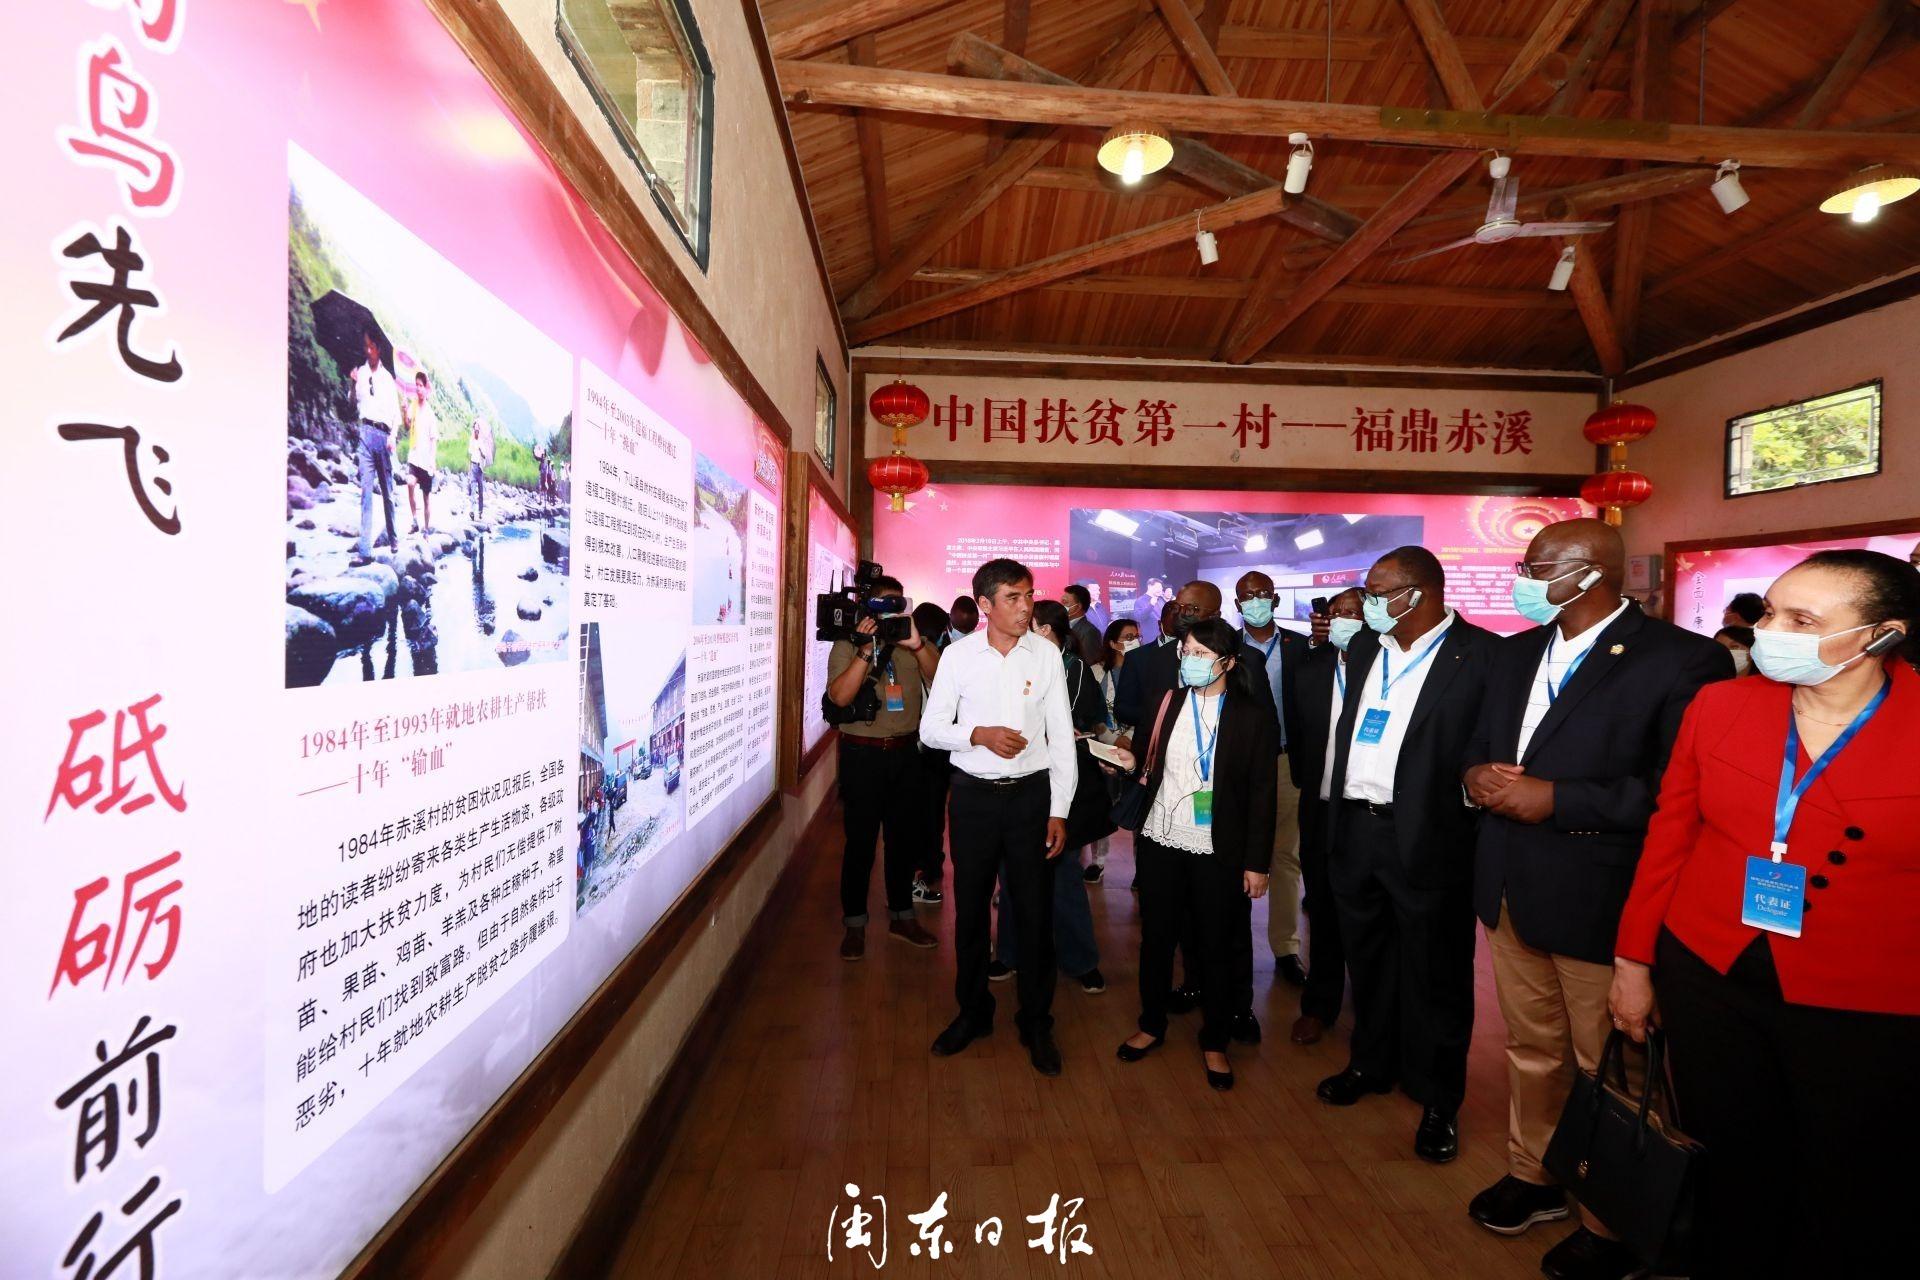 今天,福鼎赤溪村来了一批国外友人